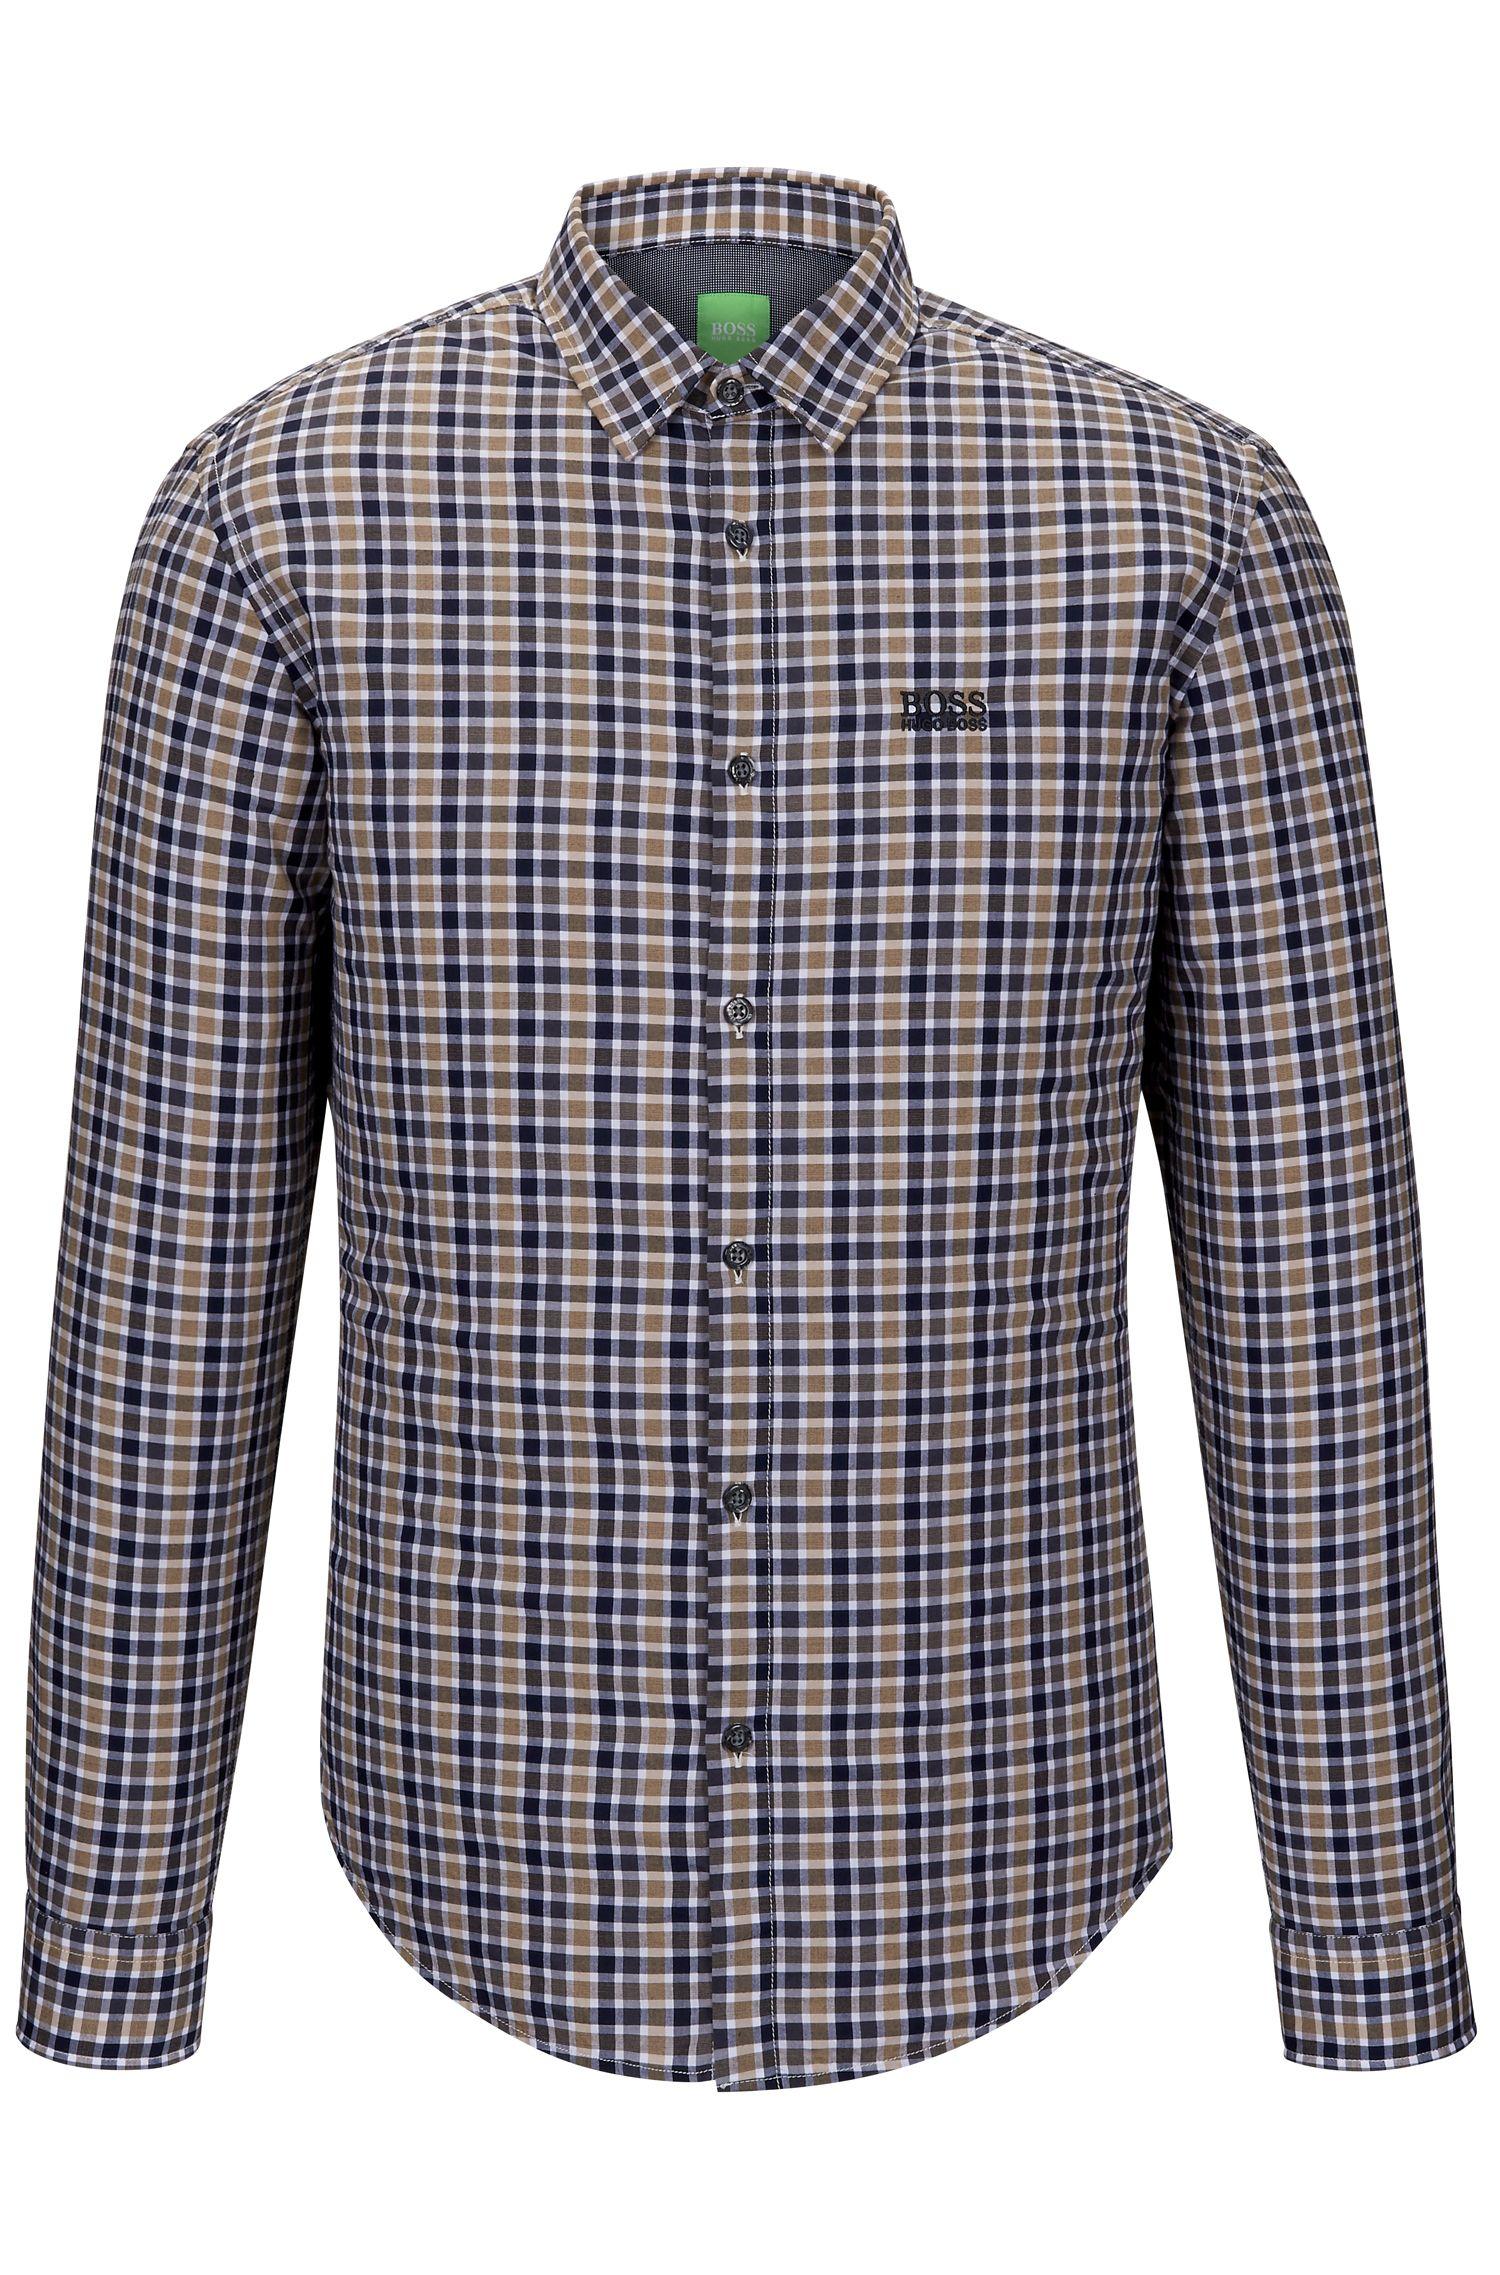 Cotton Button Down Shirt, Regular Fit | C-Buster